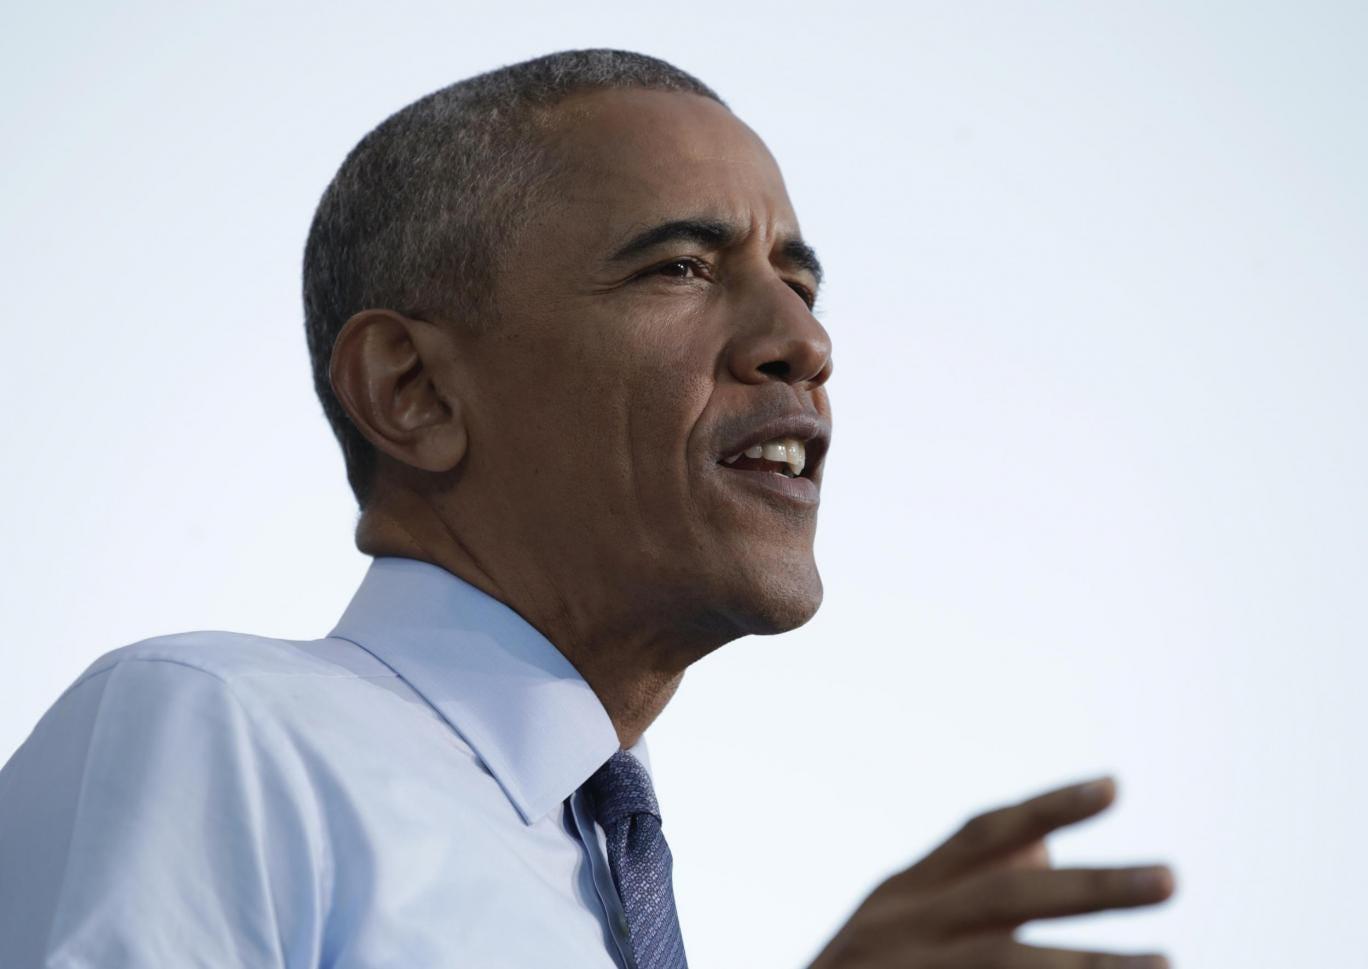 Barack Obama says marijuana should be treated like \'cigarettes or ...